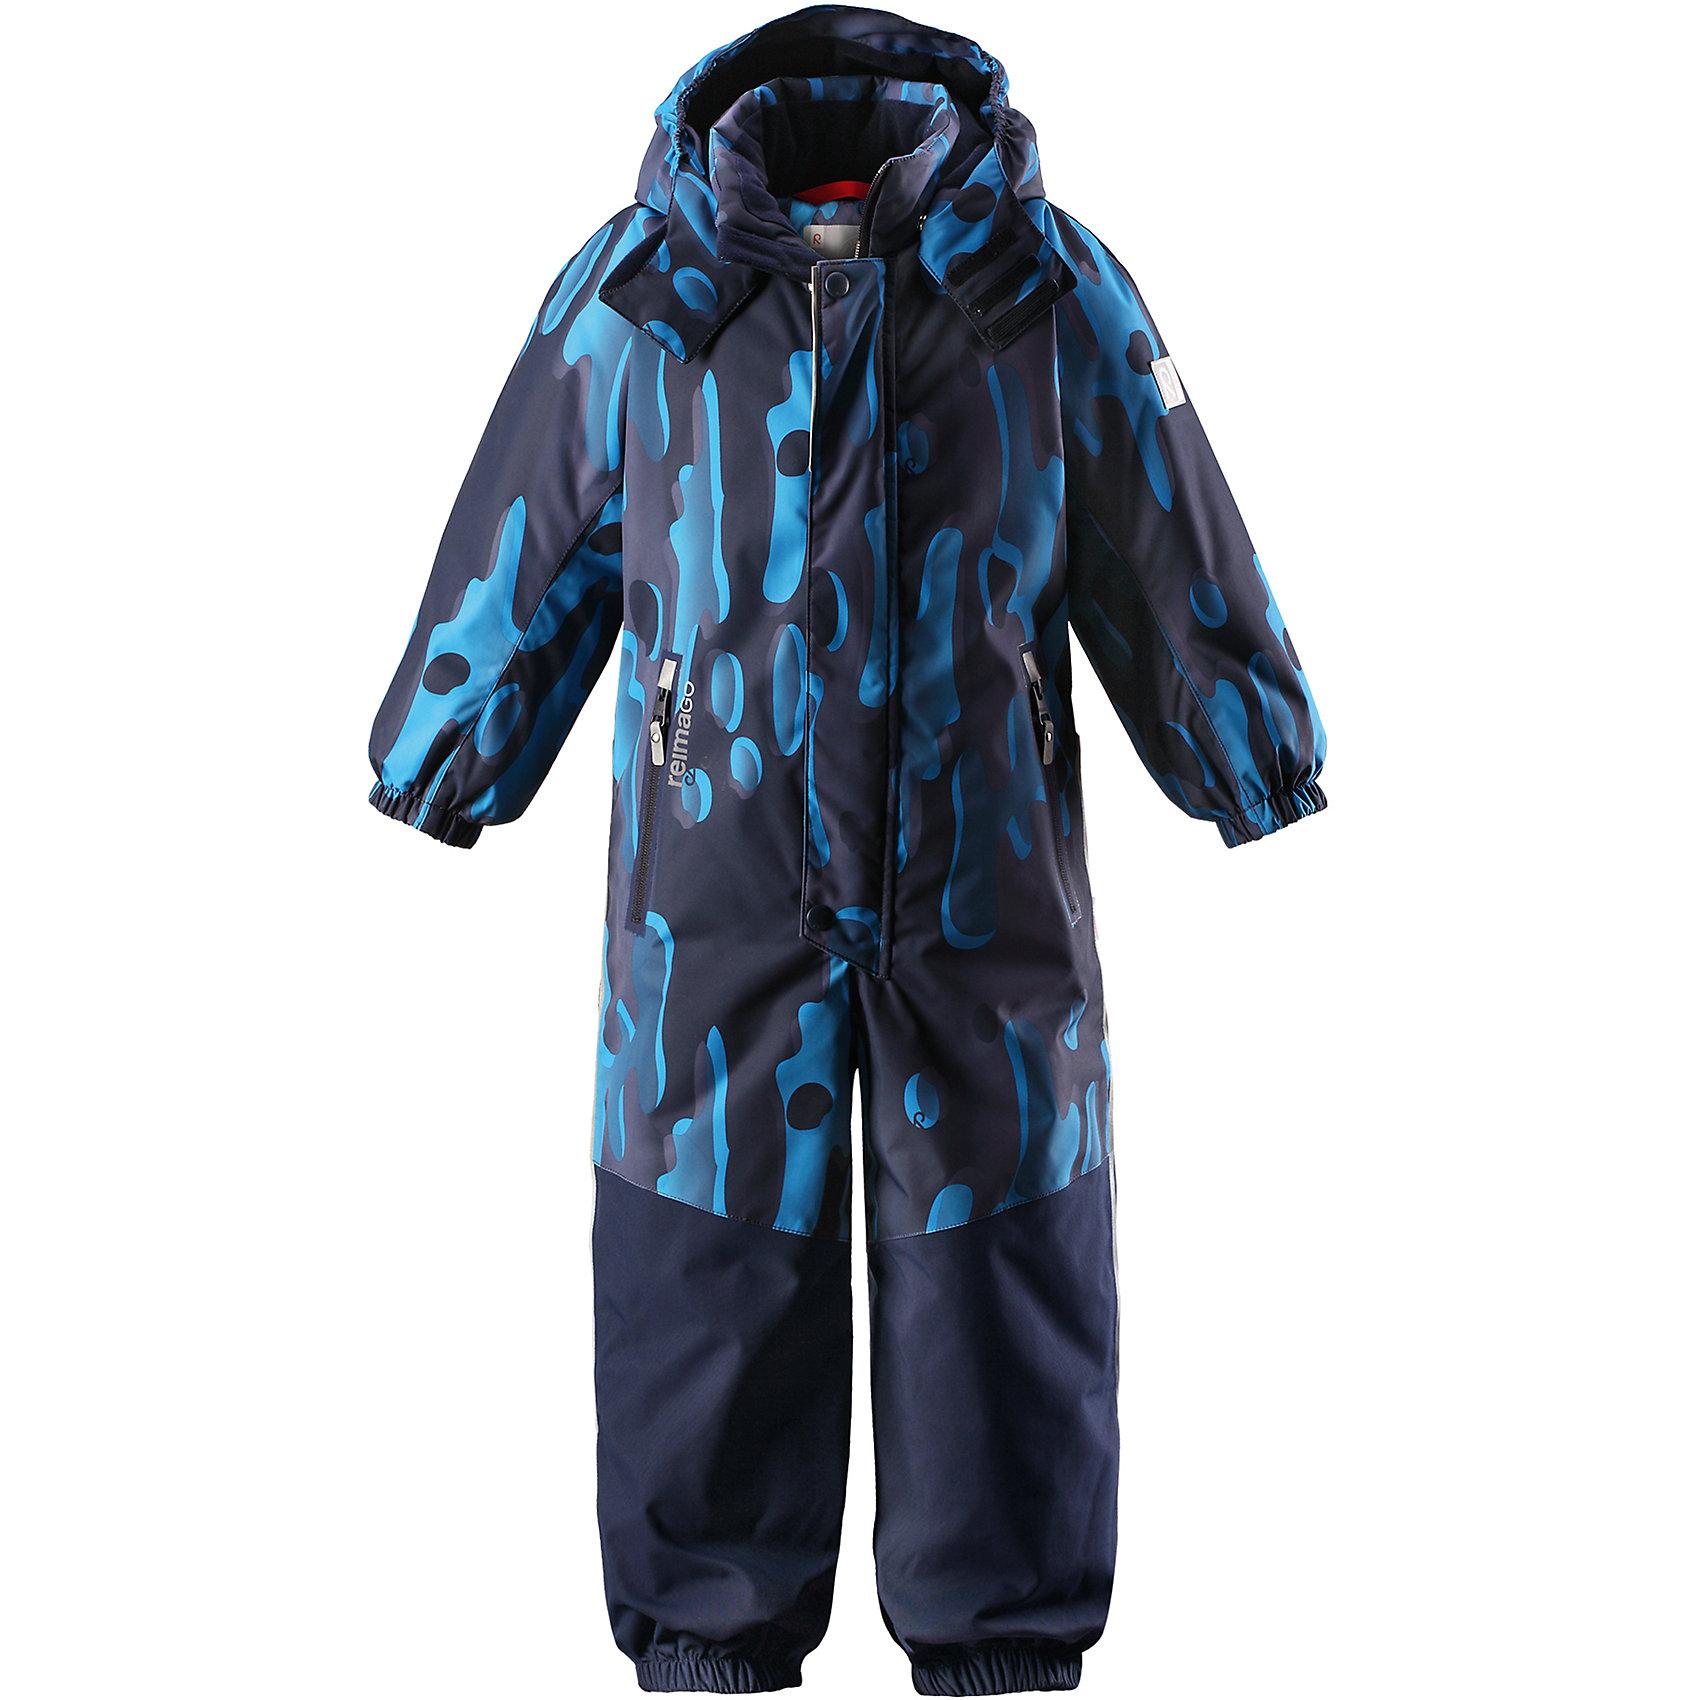 Комбинезон Tornio Reimatec® ReimaВерхняя одежда<br>Характеристики товара:<br><br>• цвет: синий;<br>• состав: 100% полиэстер;<br>• утеплитель: 160 г/м2;<br>• сезон: зима;<br>• температурный режим: от 0 до -20С;<br>• водонепроницаемость: 15000/12000 мм;<br>• воздухопроницаемость: 7000/8000 мм;<br>• износостойкость: 35000/80000 циклов (тест Мартиндейла);<br>• водо и ветронепроницаемый, дышащий и грязеотталкивающий материал;<br>• все швы проклеены и водонепроницаемы;<br>• прочные усиленные вставки сзади, на коленях и снизу на ногах;<br>• застежка: молния с дополнительной планкой на кнопках;<br>• защита подбородка от защемления;<br>• гладкая подкладка из полиэстера;<br>• безопасный, съемный и регулируемый капюшон;<br>• эластичные манжеты;<br>• внутренняя регулировка обхвата талии;<br>• эластичный пояс сзади;<br>• длина брюк регулируется с помощью кнопок;<br>• прочные съемные силиконовые штрипки;<br>• два кармана на молнии;<br>• карман с креплением для сенсора ReimaGO;<br>• светоотражающие элементы;<br>• страна бренда: Финляндия;<br>• страна производства: Китай.<br><br>Зимний непромокаемый комбинезон Reimatec® с полностью проклеенными швами. Суперпрочные усиления на задней части, коленях и концах брючин. Комбинезон снабжен гладкой подкладкой из полиэстера, талия при необходимости легко регулируется, что позволяет подогнать комбинезон точно по фигуре. А еще он снабжен эластичным пояском сзади, эластичными манжетами на рукавах и концах брючин, которые регулируются застежкой на кнопках. <br><br>Съемный и регулируемый капюшон защищает от пронизывающего ветра, а еще он безопасен во время игр на свежем воздухе. Кнопки легко отстегиваются, если капюшон случайно за что-нибудь зацепится. Съемные силиконовые штрипки не дают концам брючин задираться. Два кармана на молнии и специальный карман для сенсора ReimaGO®. Материал имеет грязеотталкивающую поверхность, и при этом его можно сушить в сушильной машине.<br><br>Комбинезон Tornio Reimatec® Reima (Рейма) можно купить в нашем интерн